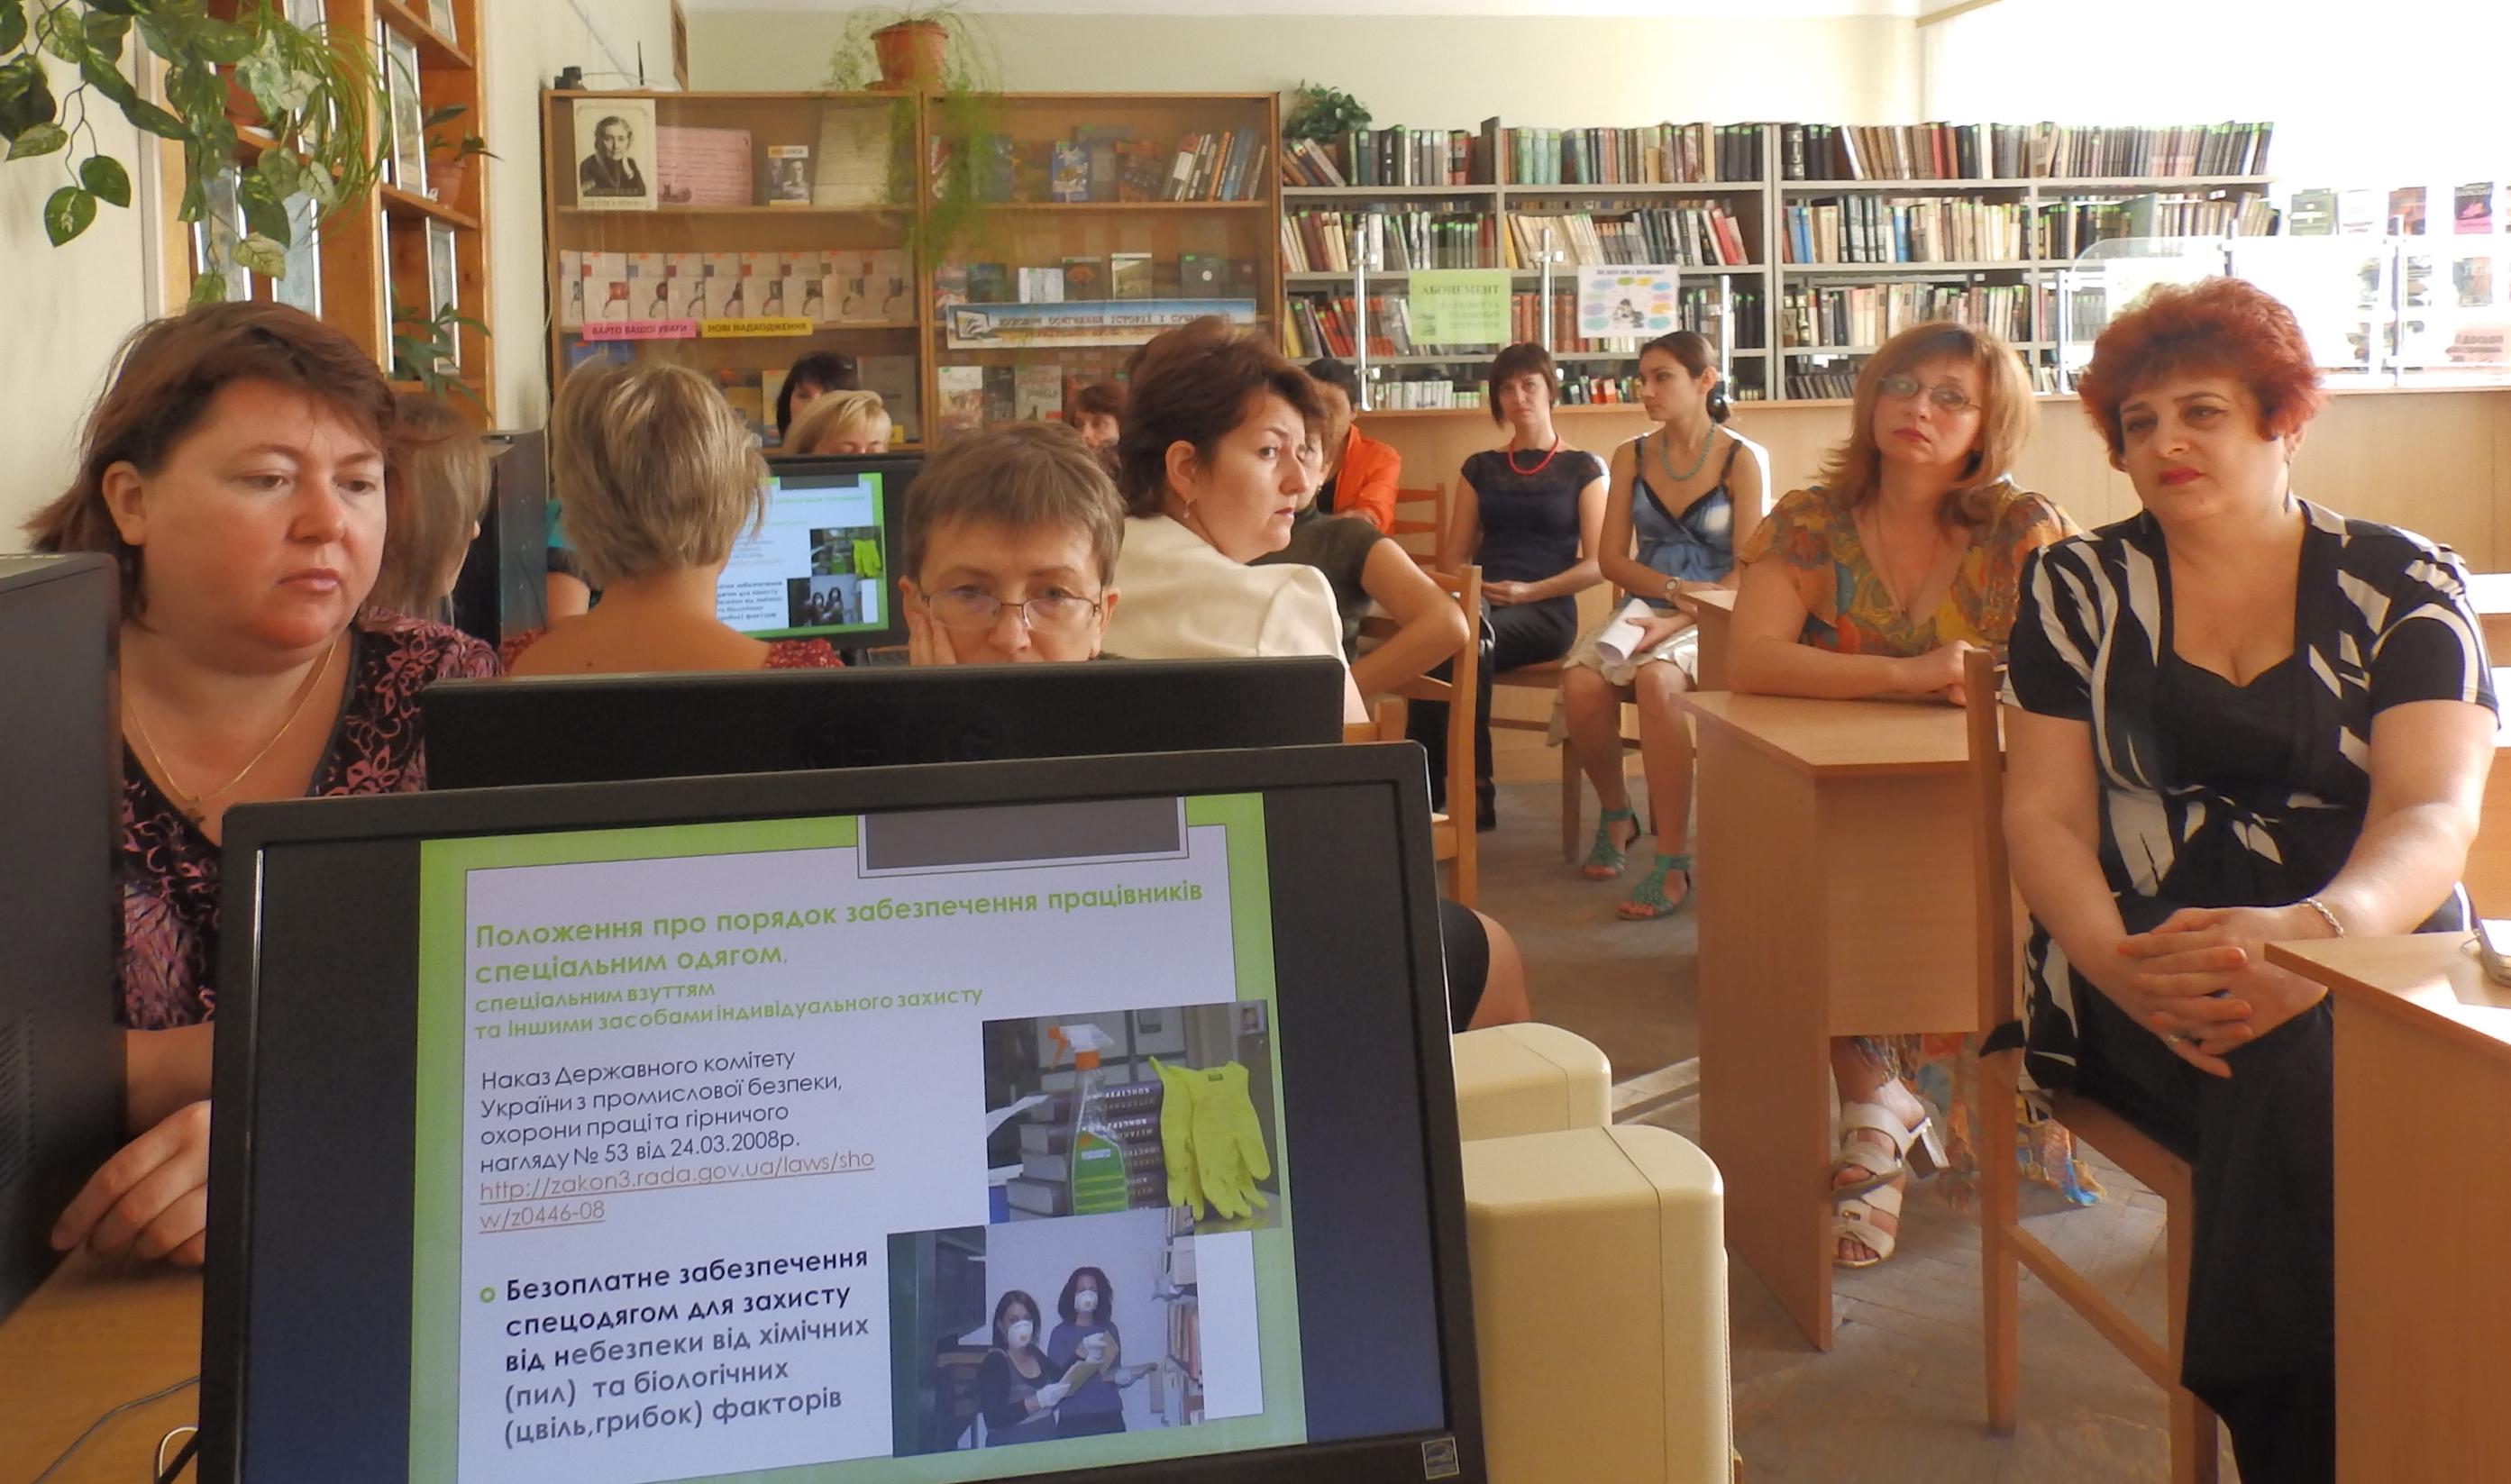 sanitarnyj_den_u_bibliotetsi